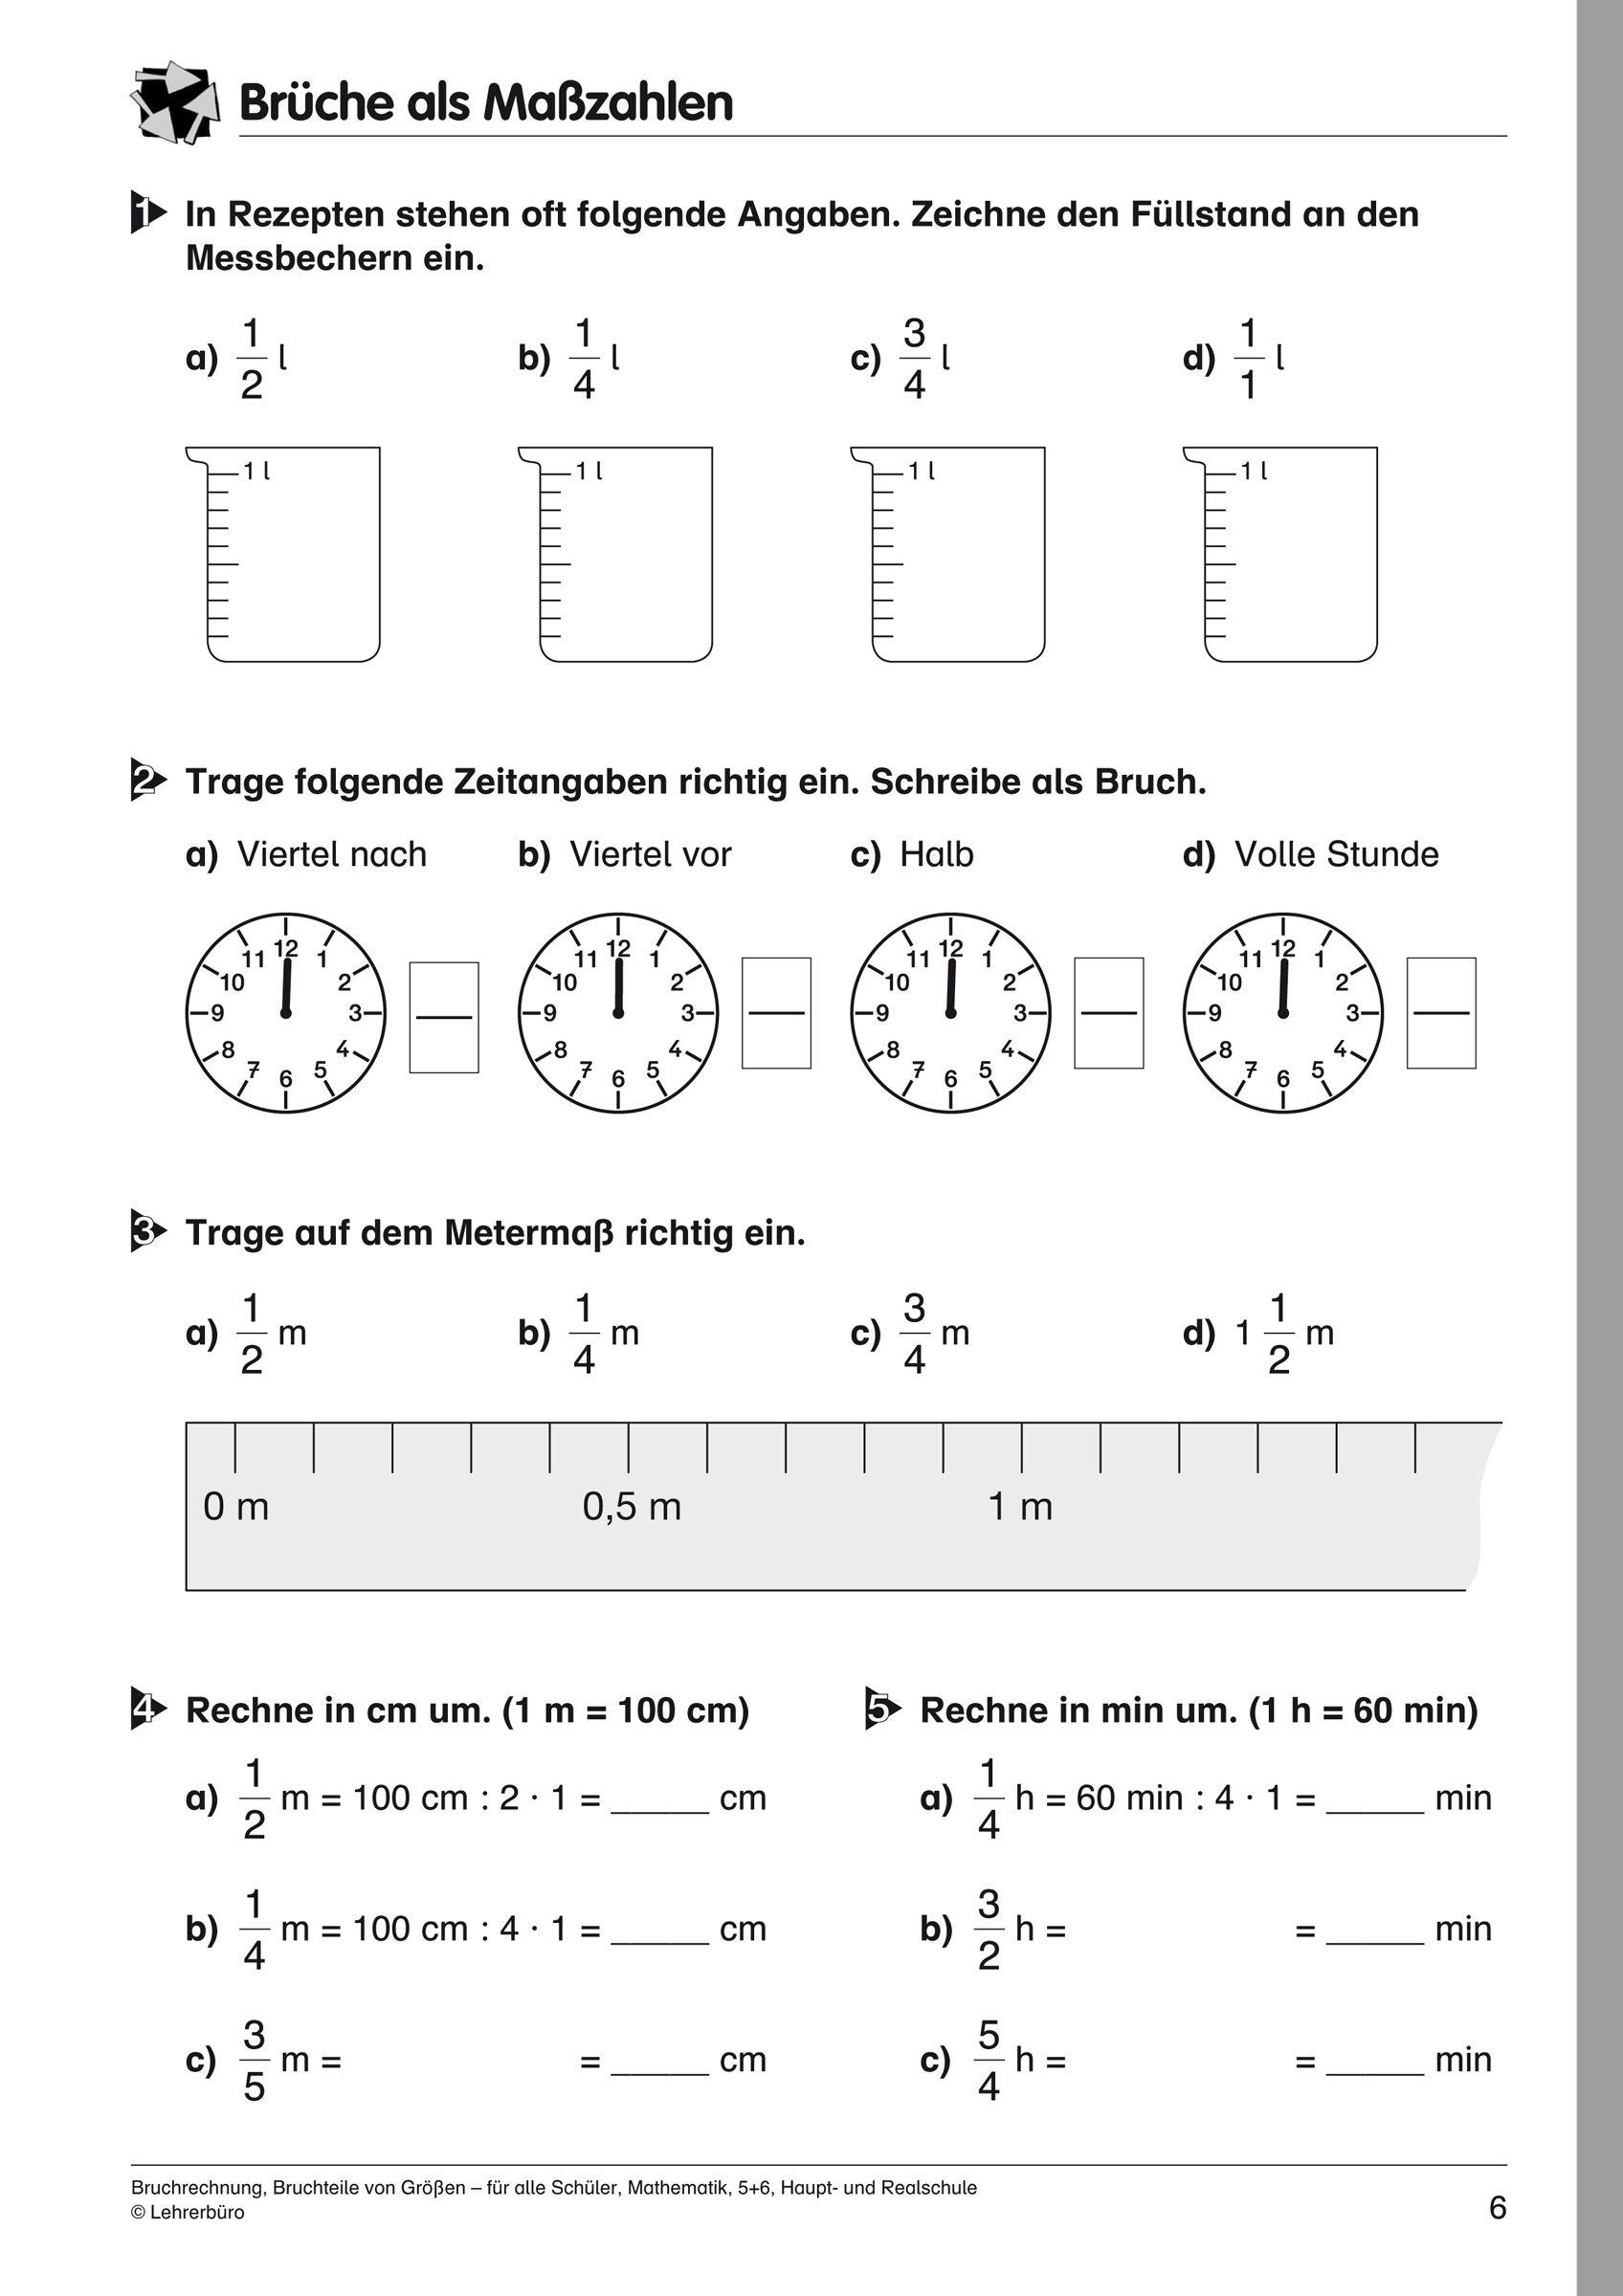 27 Mathe Arbeitsblätter Klasse 5 Gymnasium Zum Ausdrucken in Mathearbeit Gymnasium Klasse 5